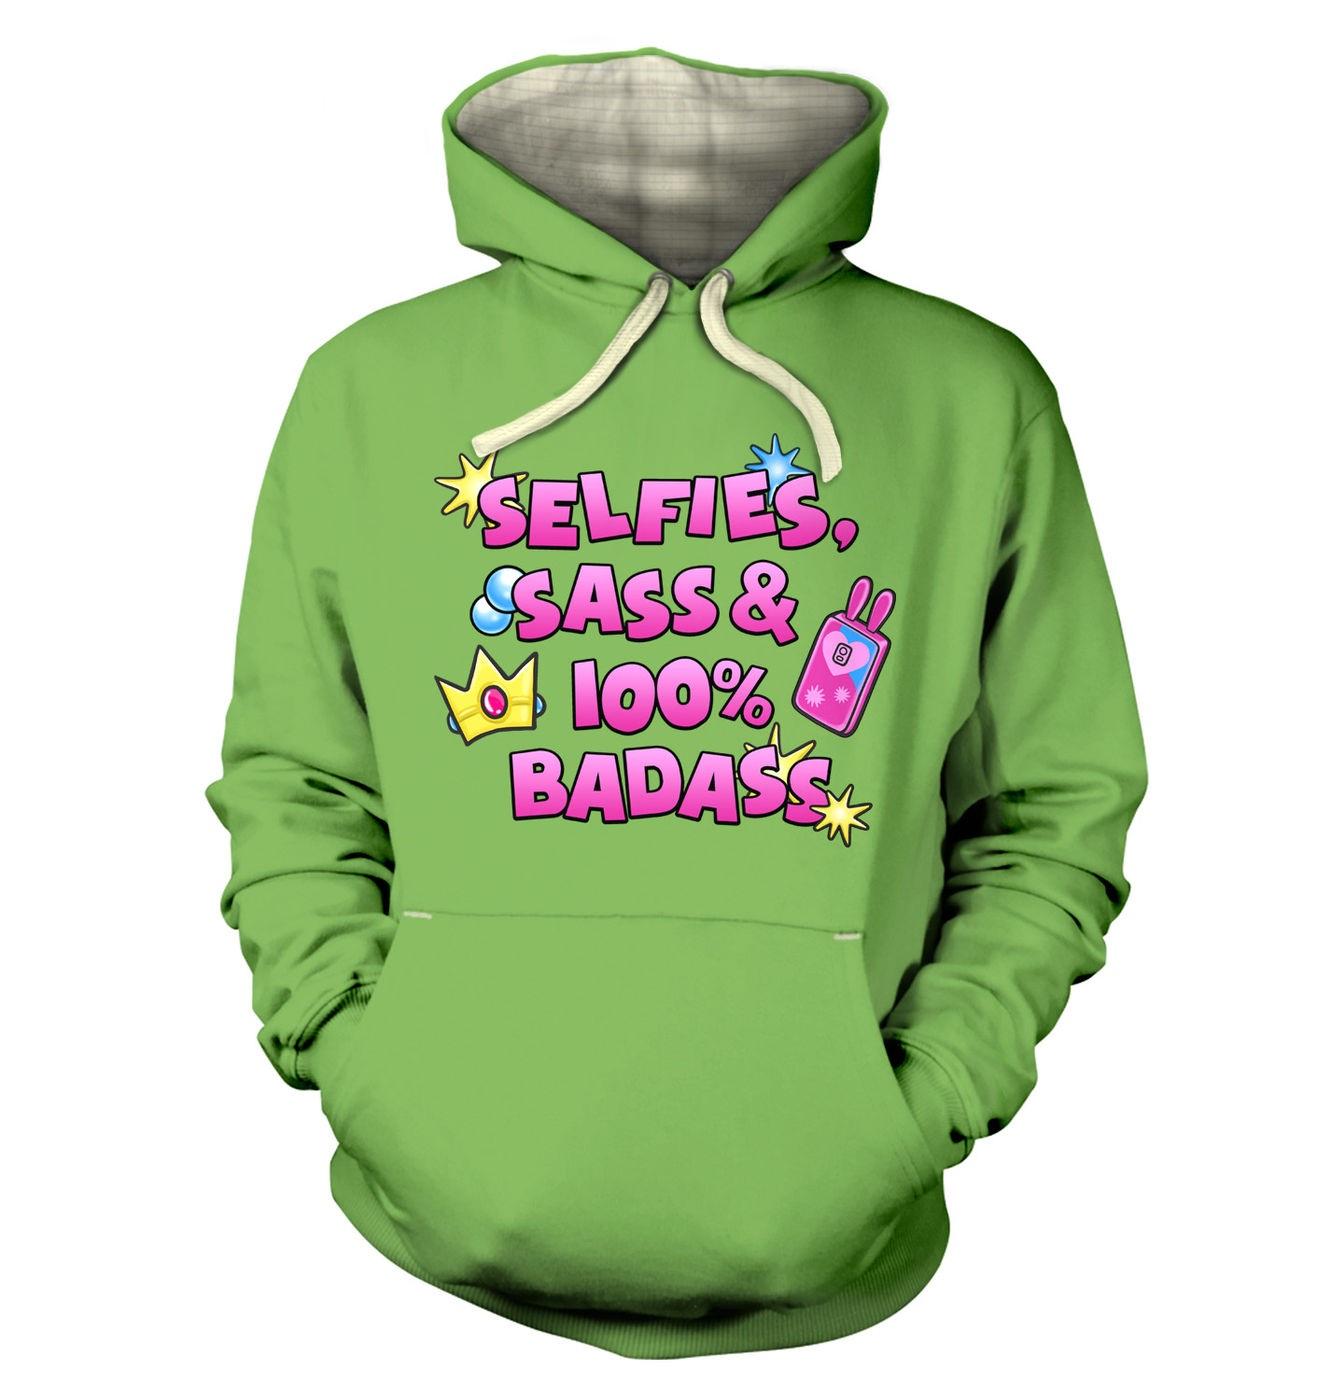 Selfies & Sass premium hoodie by Something Geeky